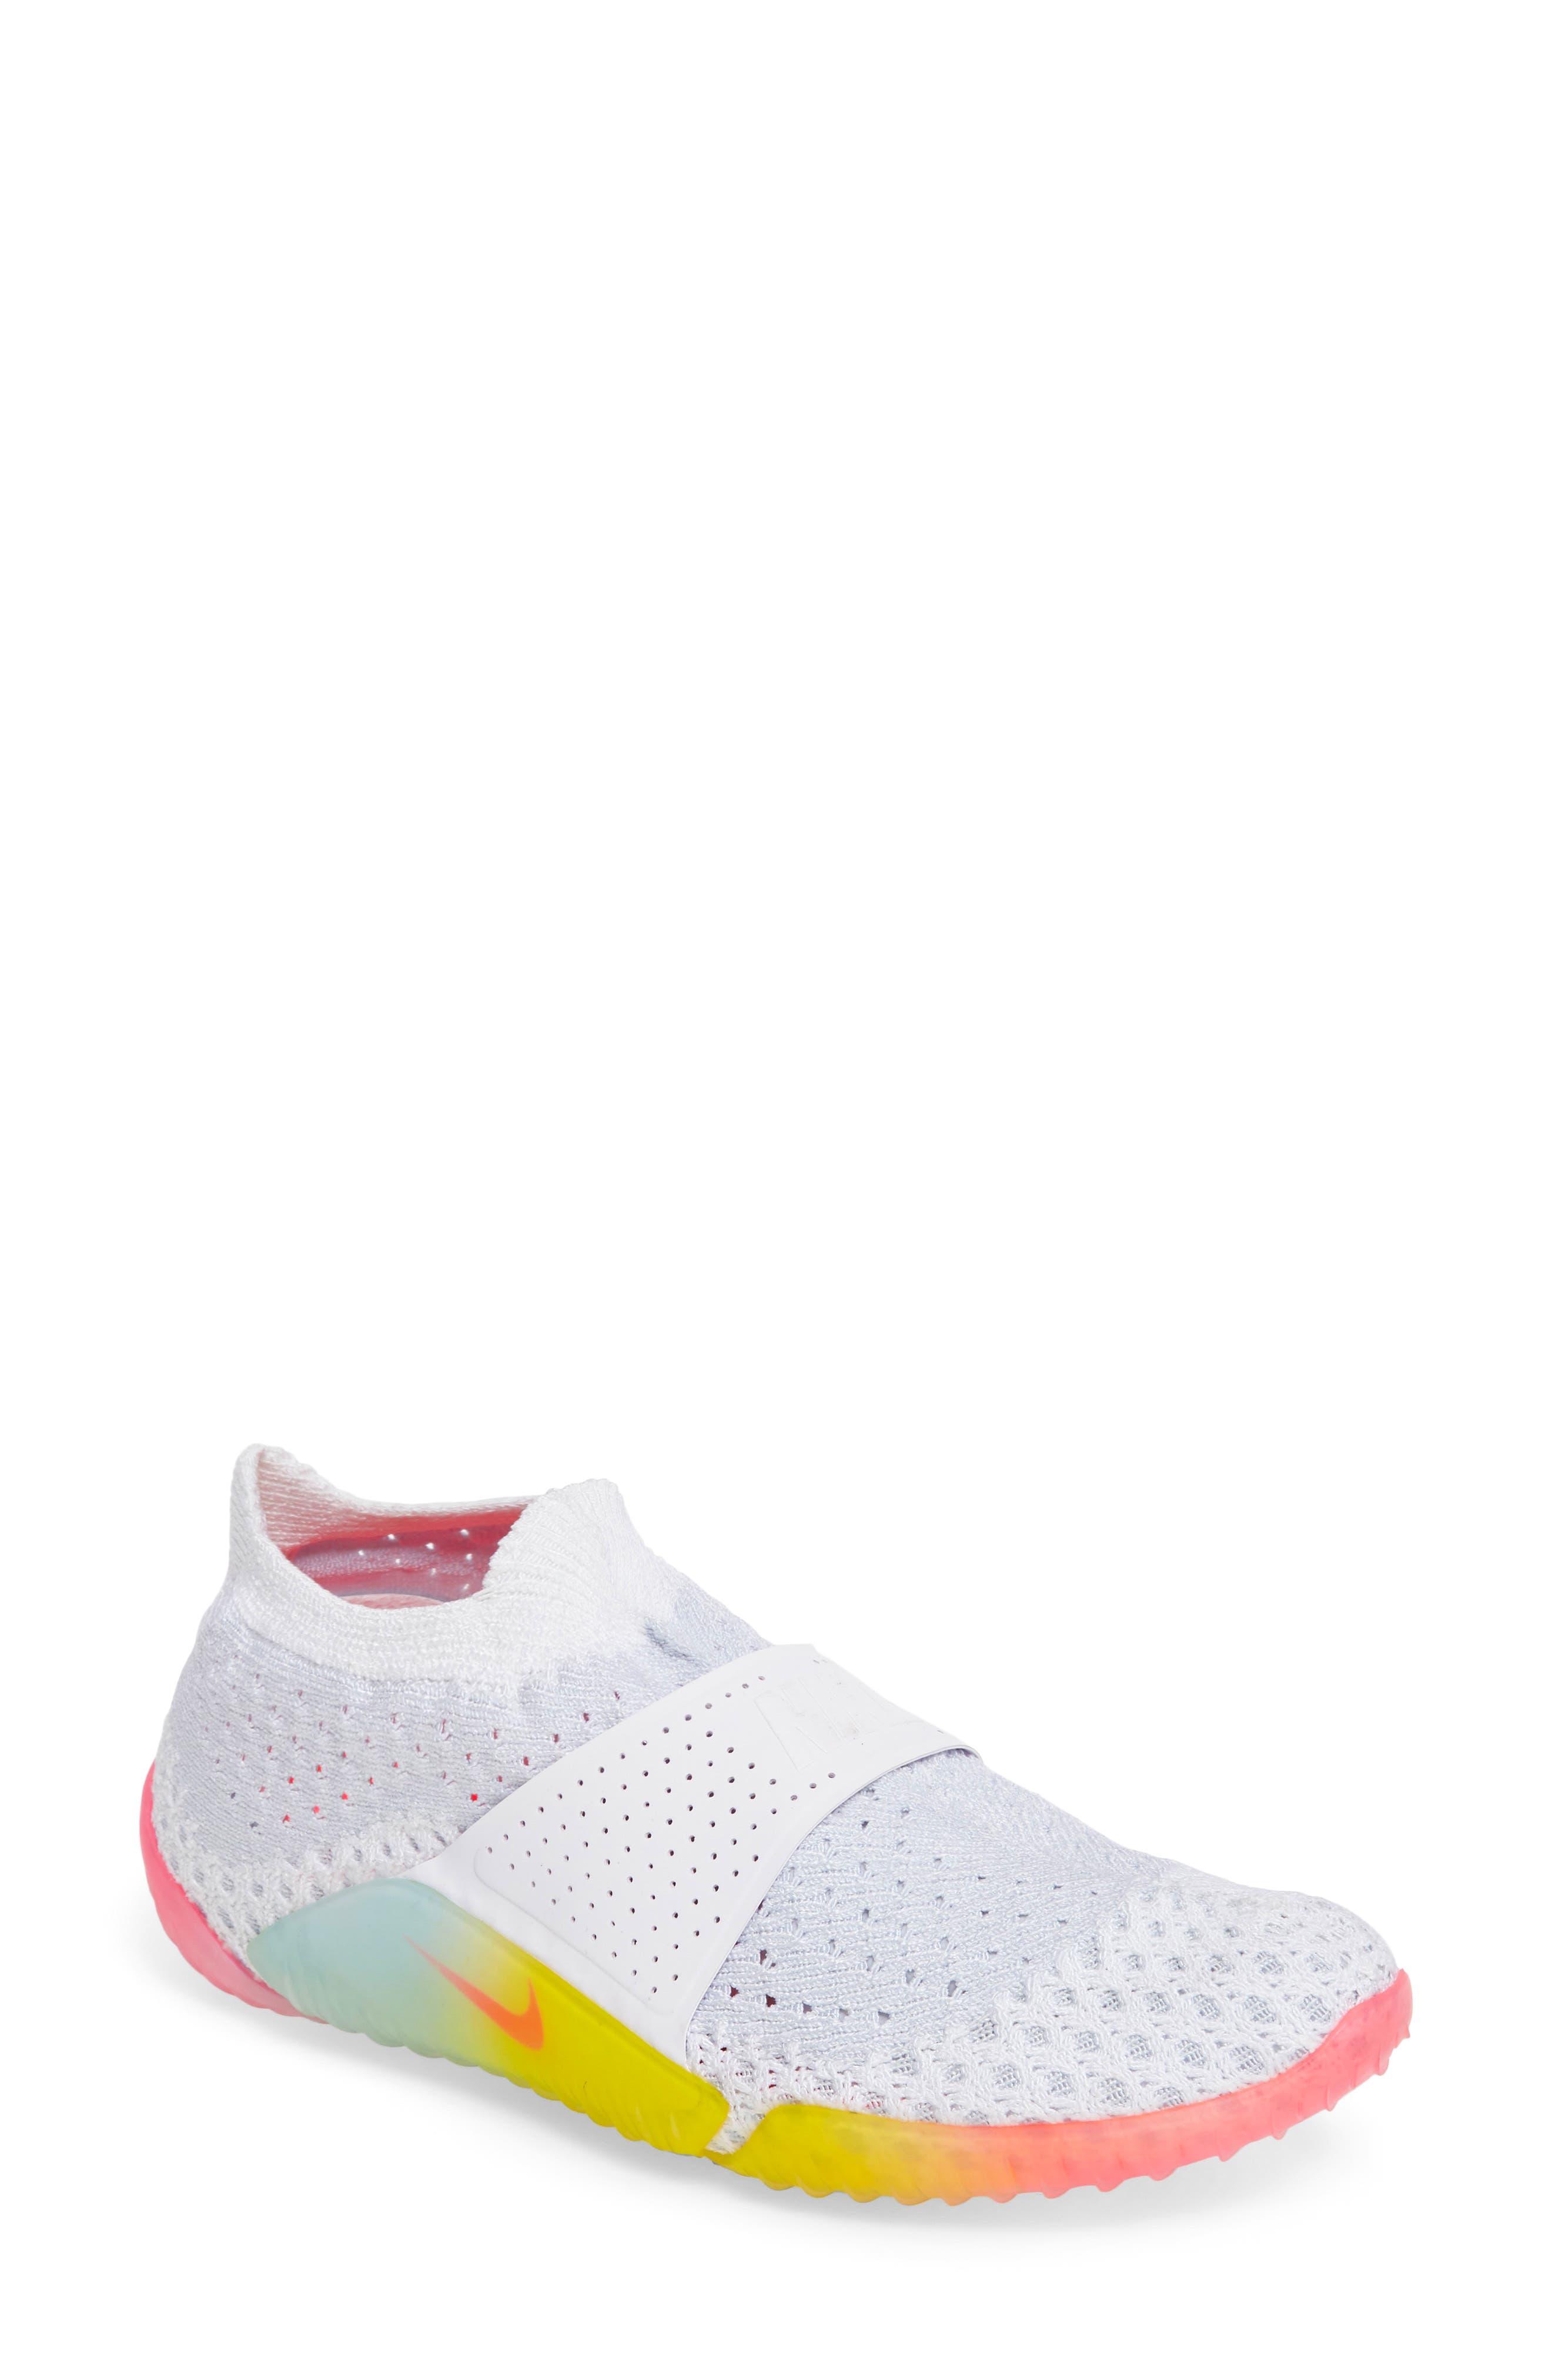 Nike City Knife 3 Flyknit Sneaker (Women)